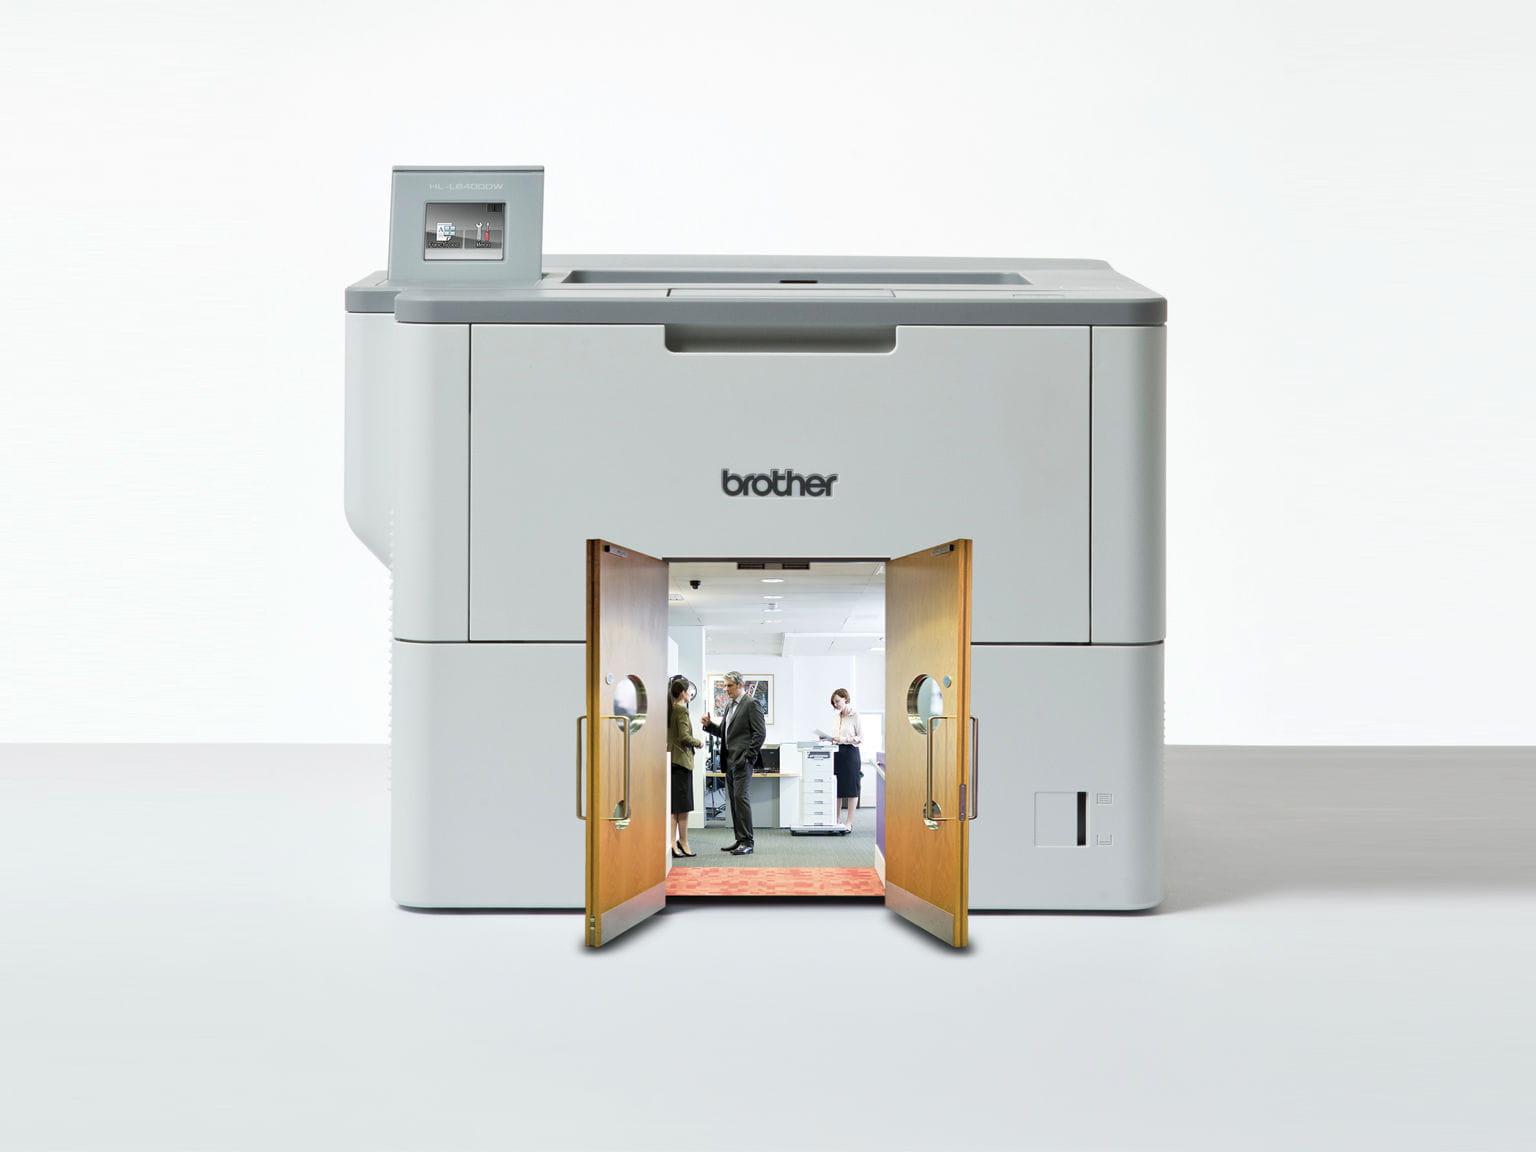 Nuova gamma di stampanti laser monocromatiche professionali Brother L6000